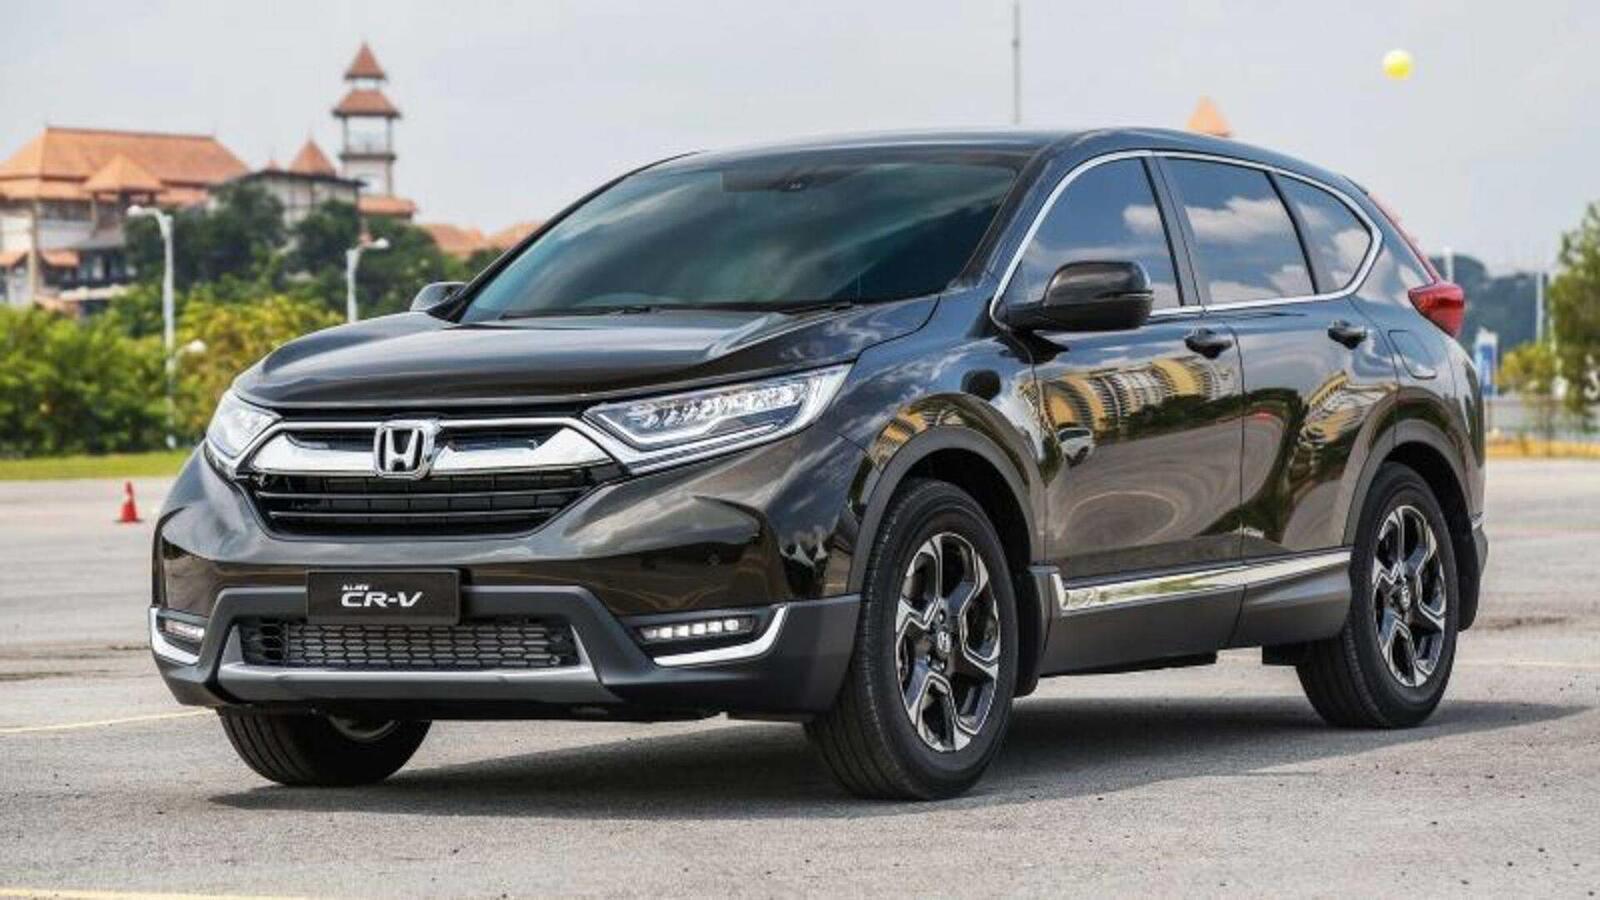 So sánh Hyundai Santa Fe 2019 với các đối thủ trong phân khúc SUV - Hình 12